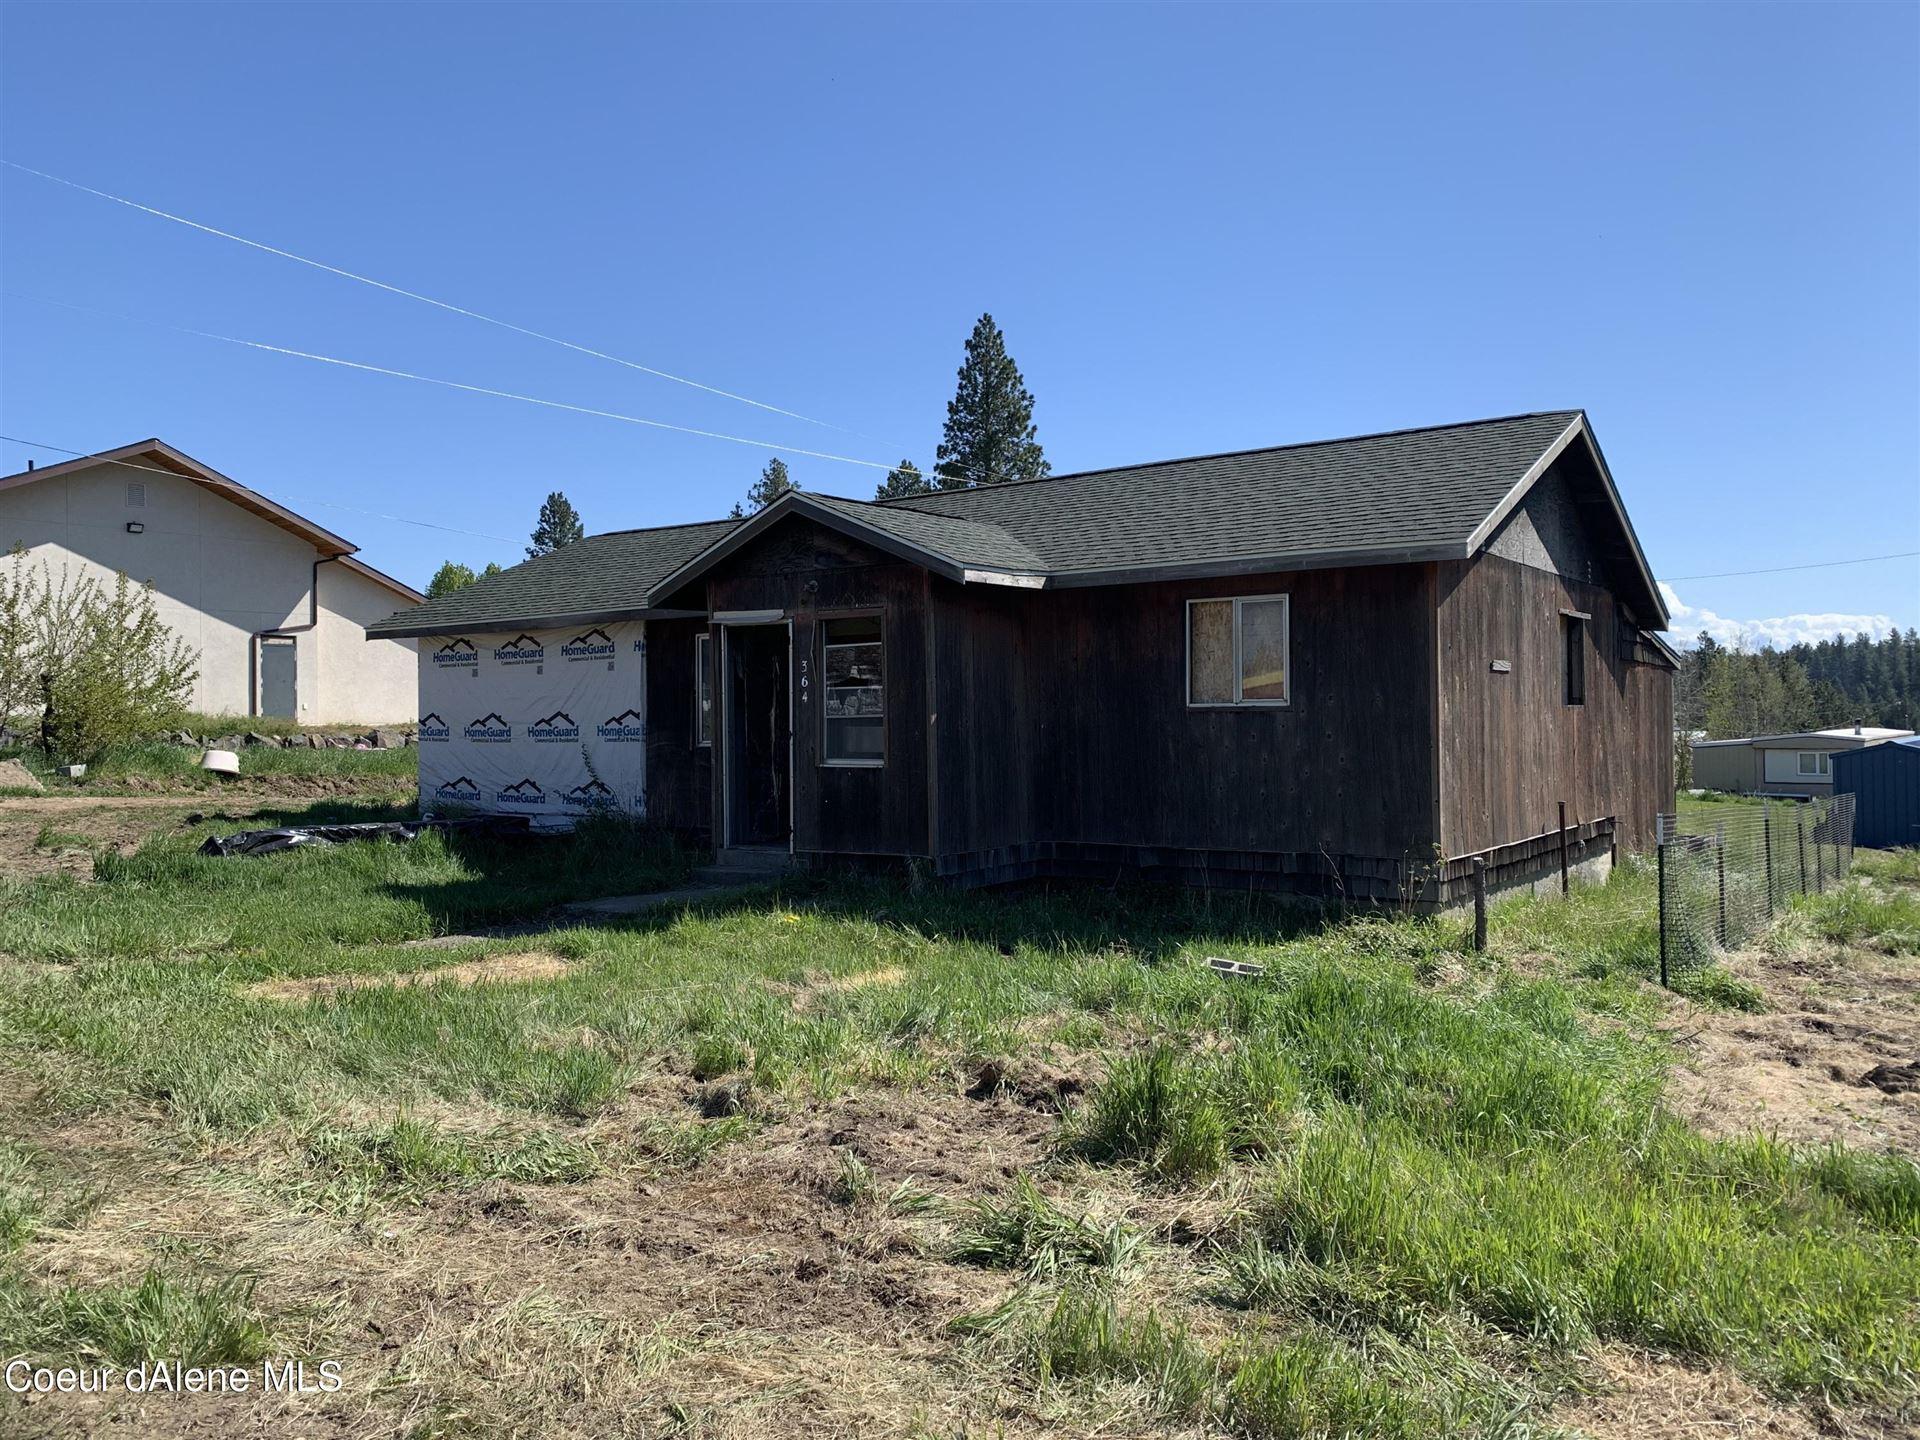 Photo of 364 7th St, Plummer, ID 83851 (MLS # 21-4208)